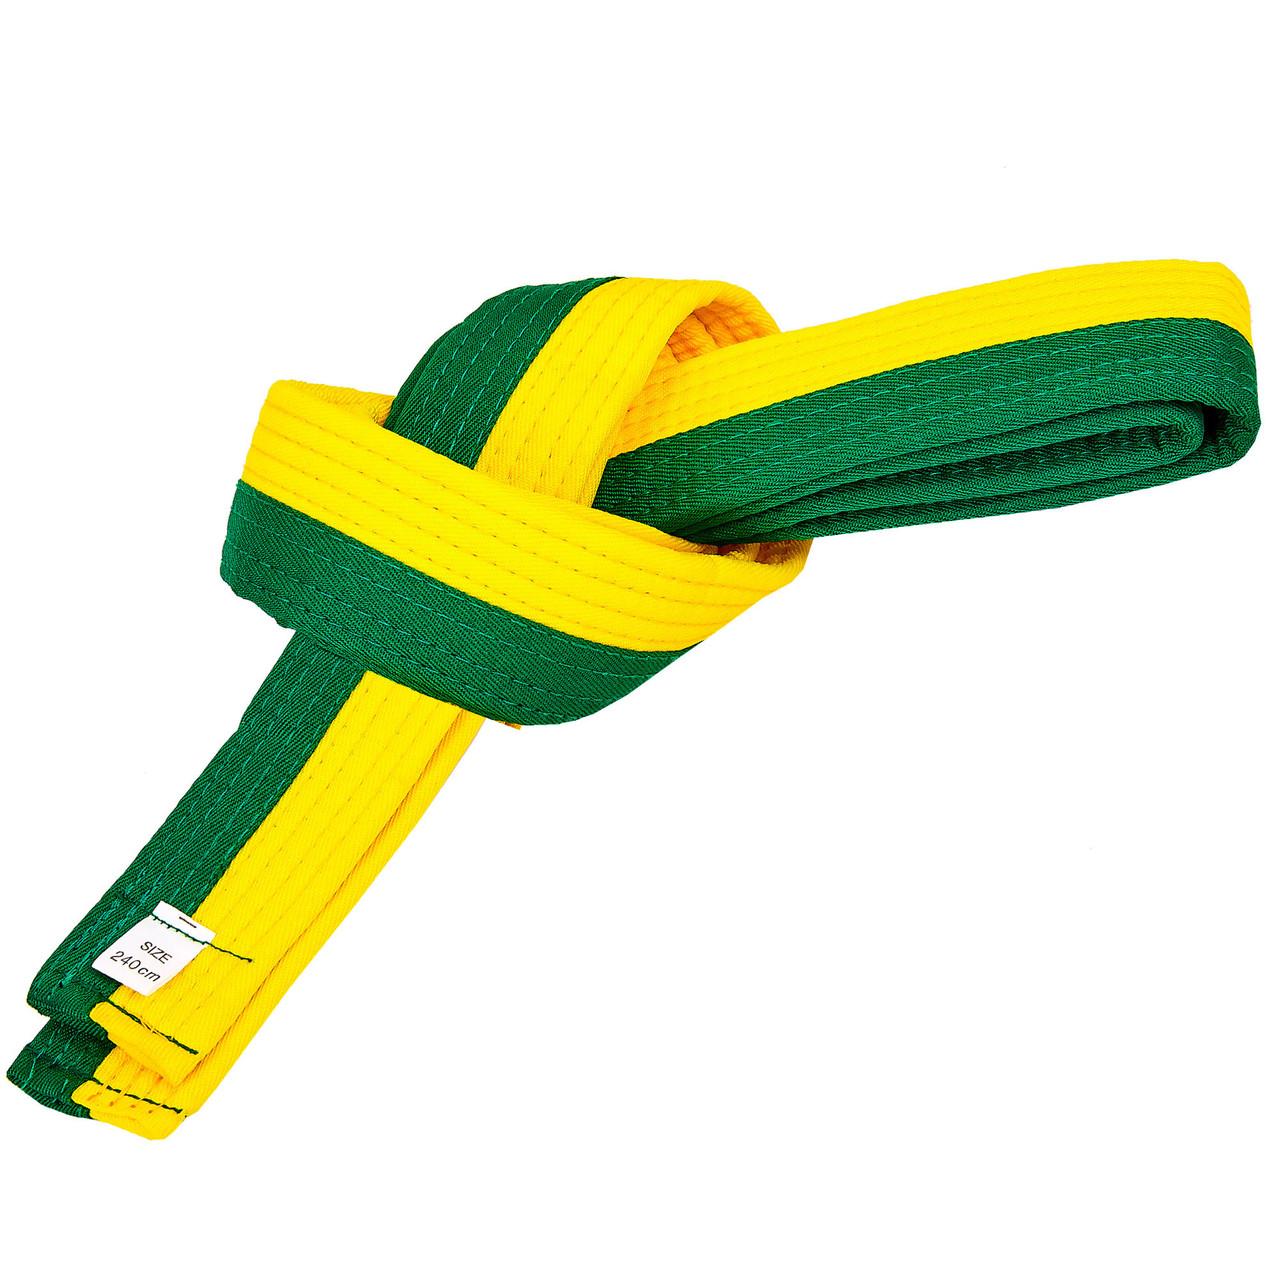 Пояс для кимоно двухцветный желто-зеленый SP-Planeta BO-7256, 260 см